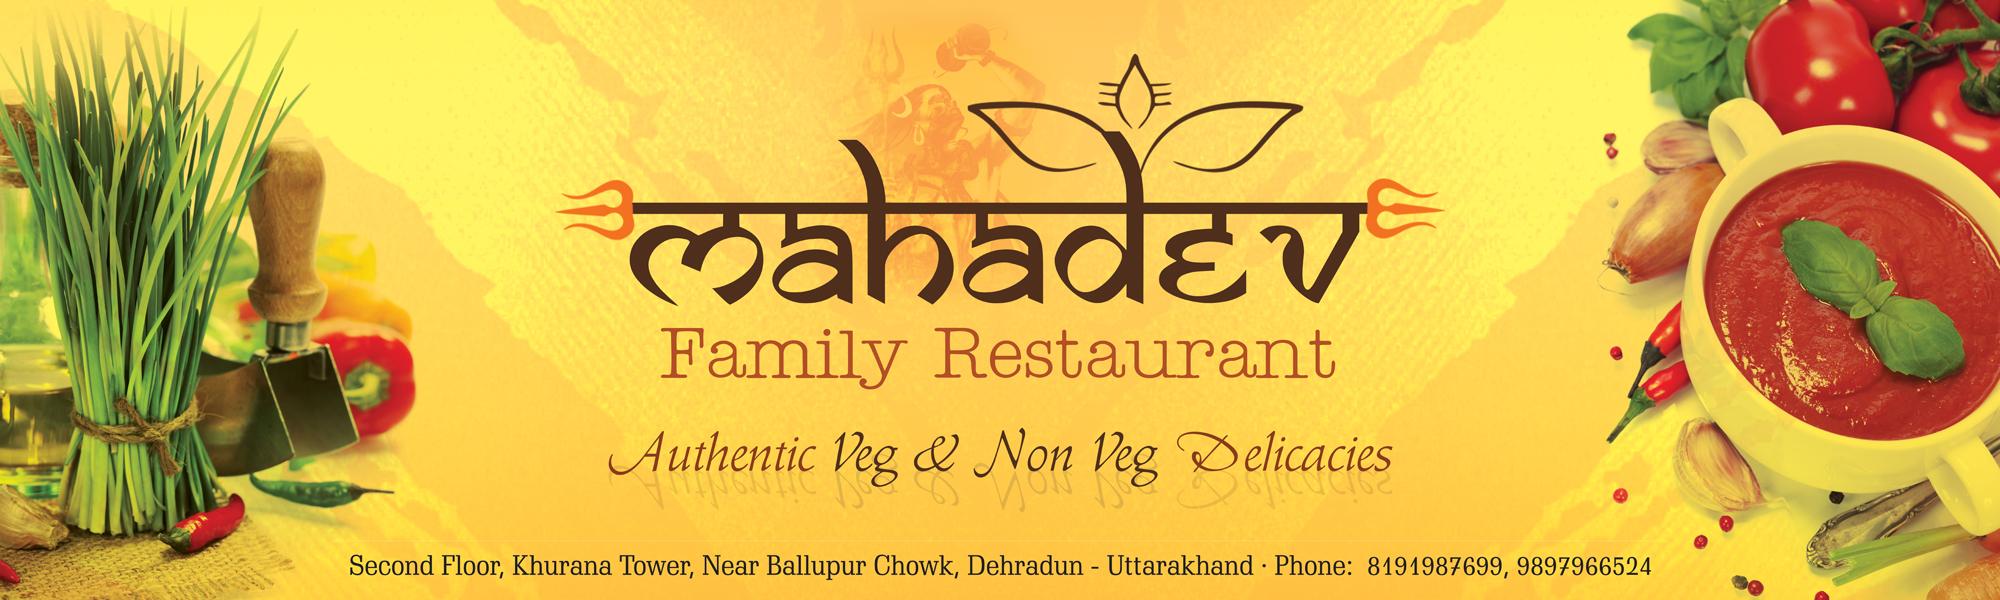 Banner mahadev family restaurant hd the designer